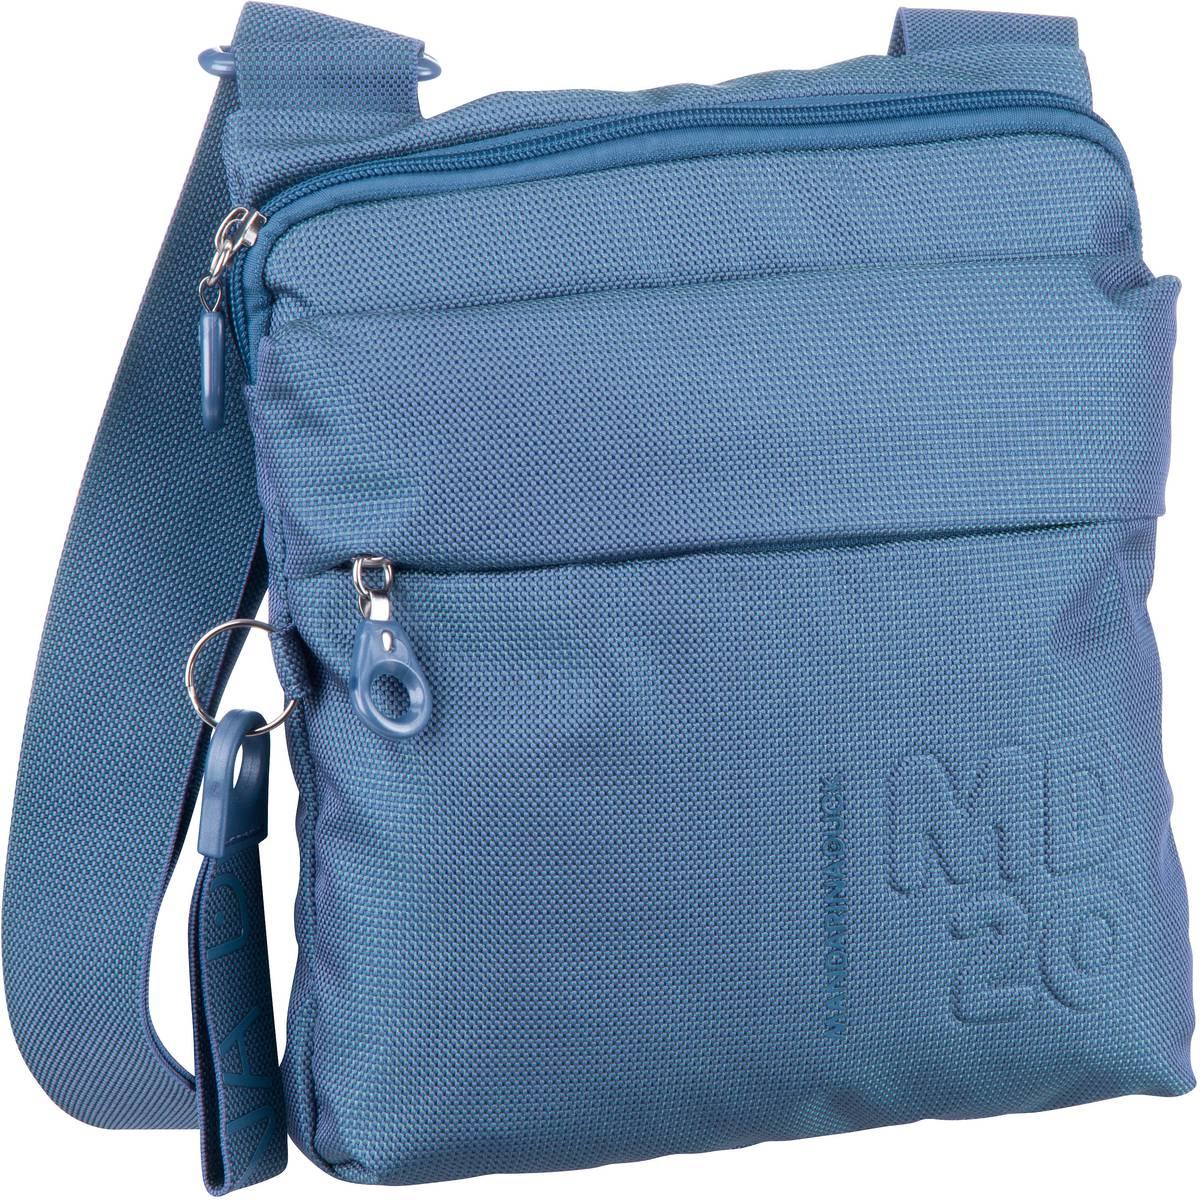 Umhängetasche MD20 Small Crossover Bag QMT04 Moonlight Blue